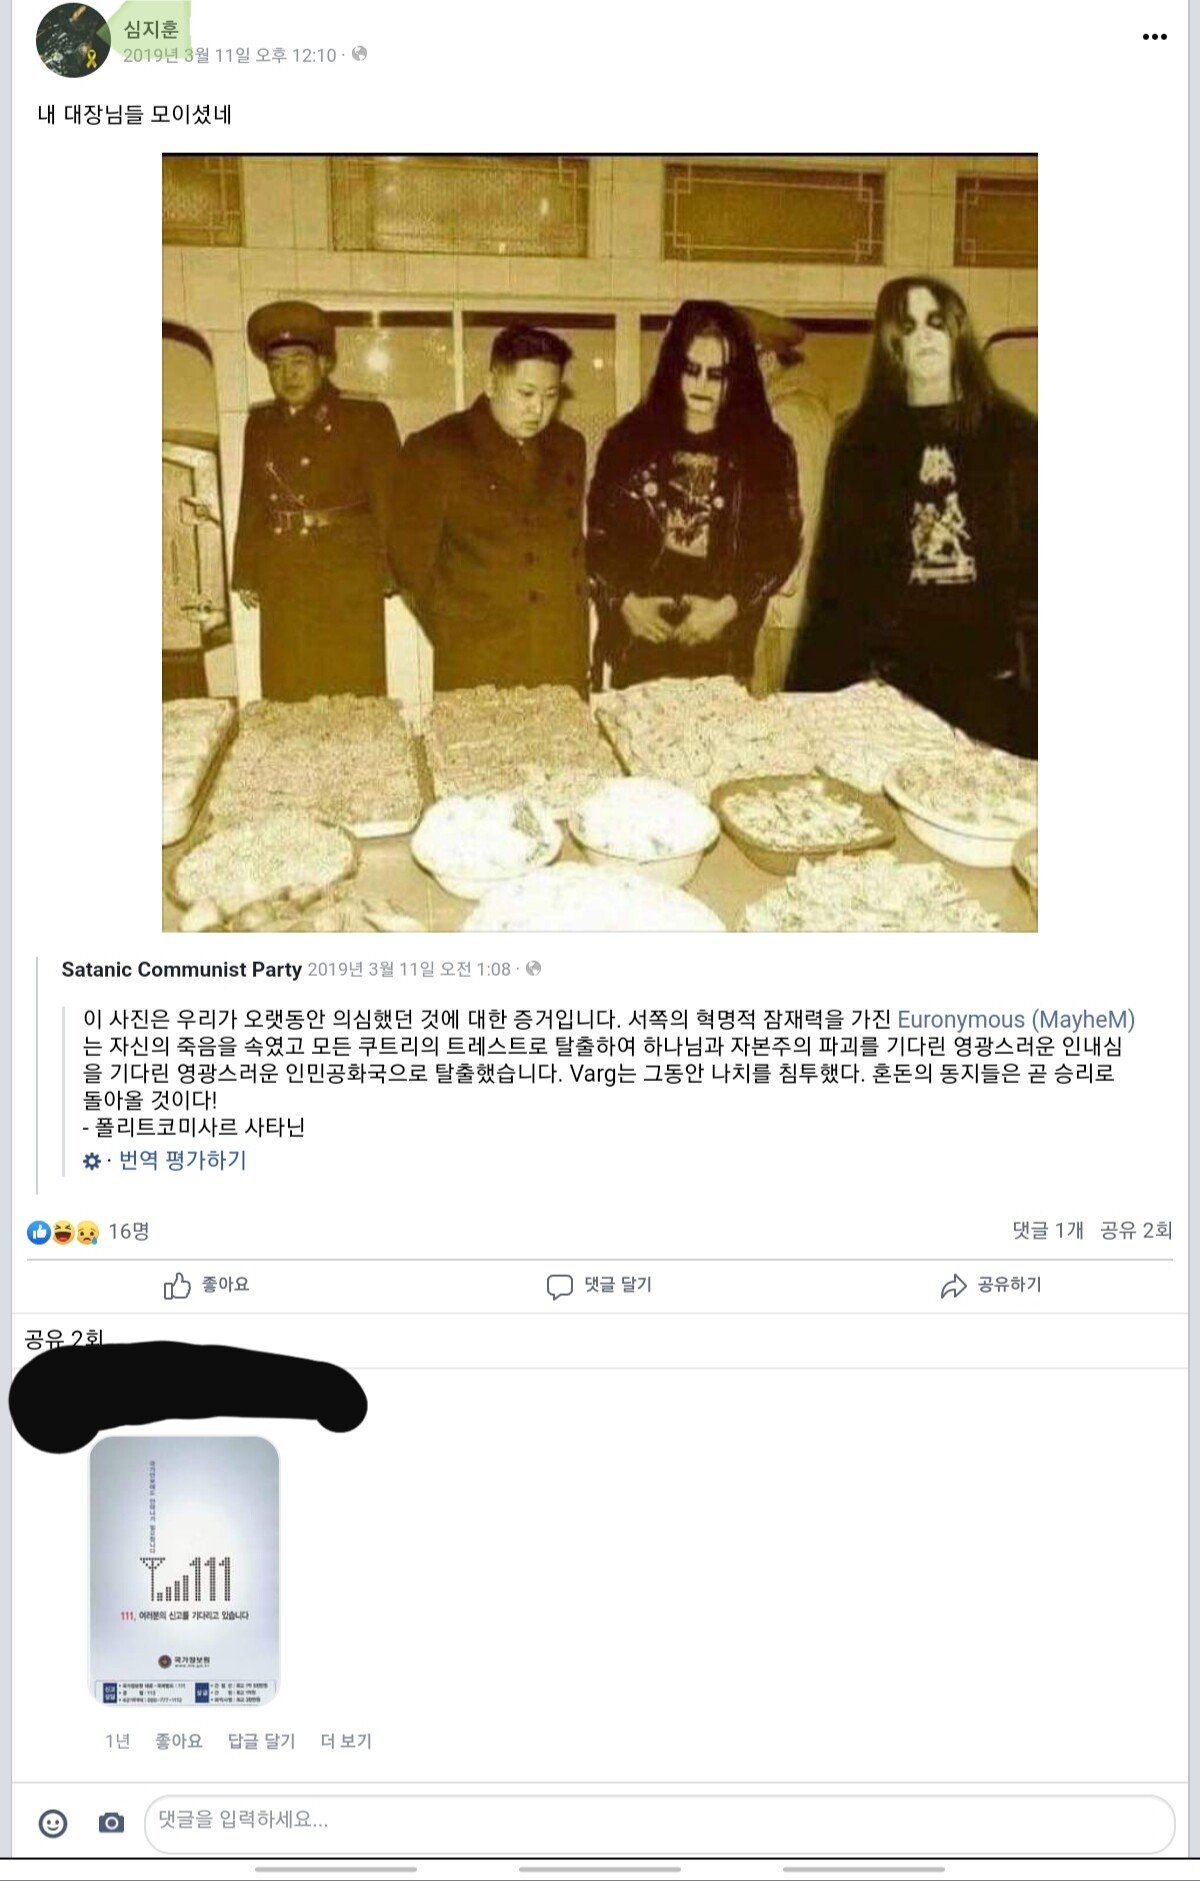 20200606_182752.jpg 오늘 열리는 한국 blm시위 주최자에 대하여 알아보자